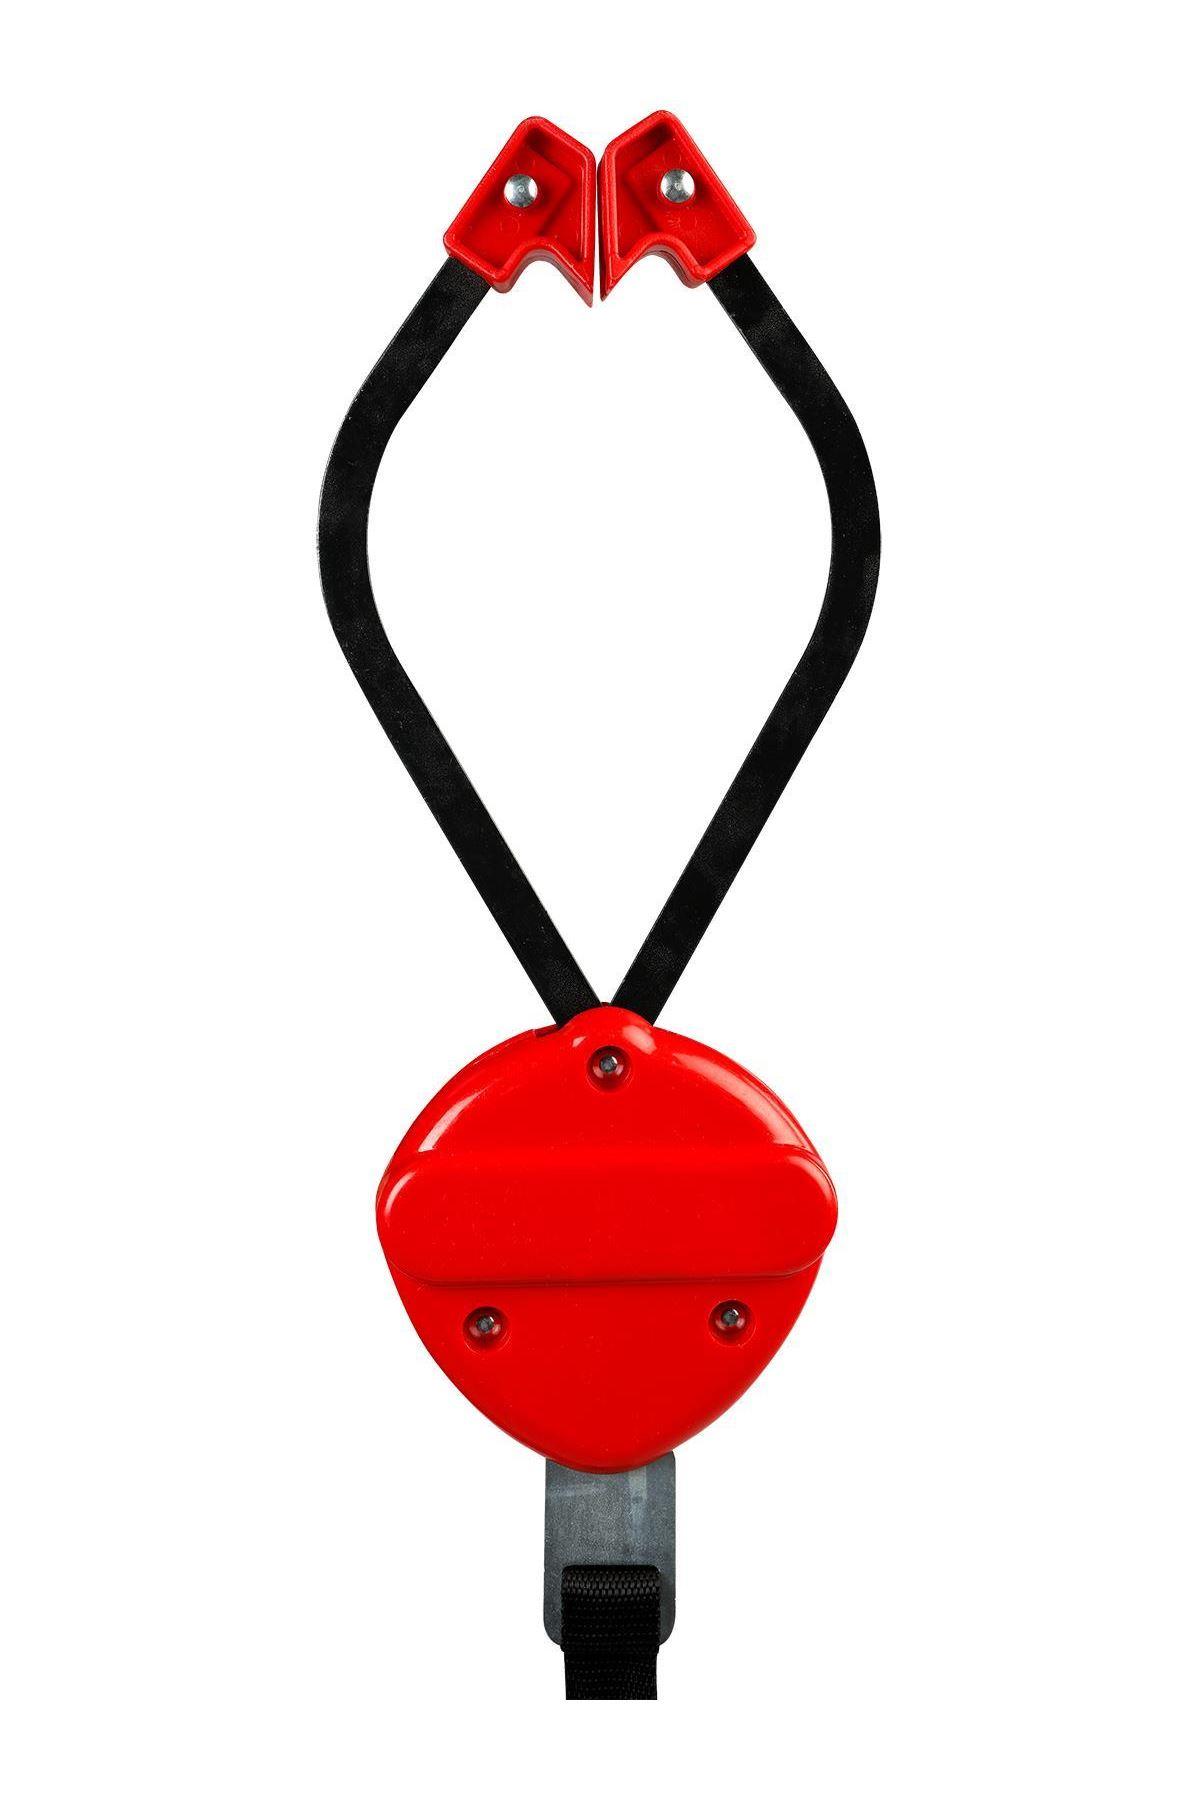 Babyhope 702 Lüks Oyuncaklı Hoppala Kırmızı